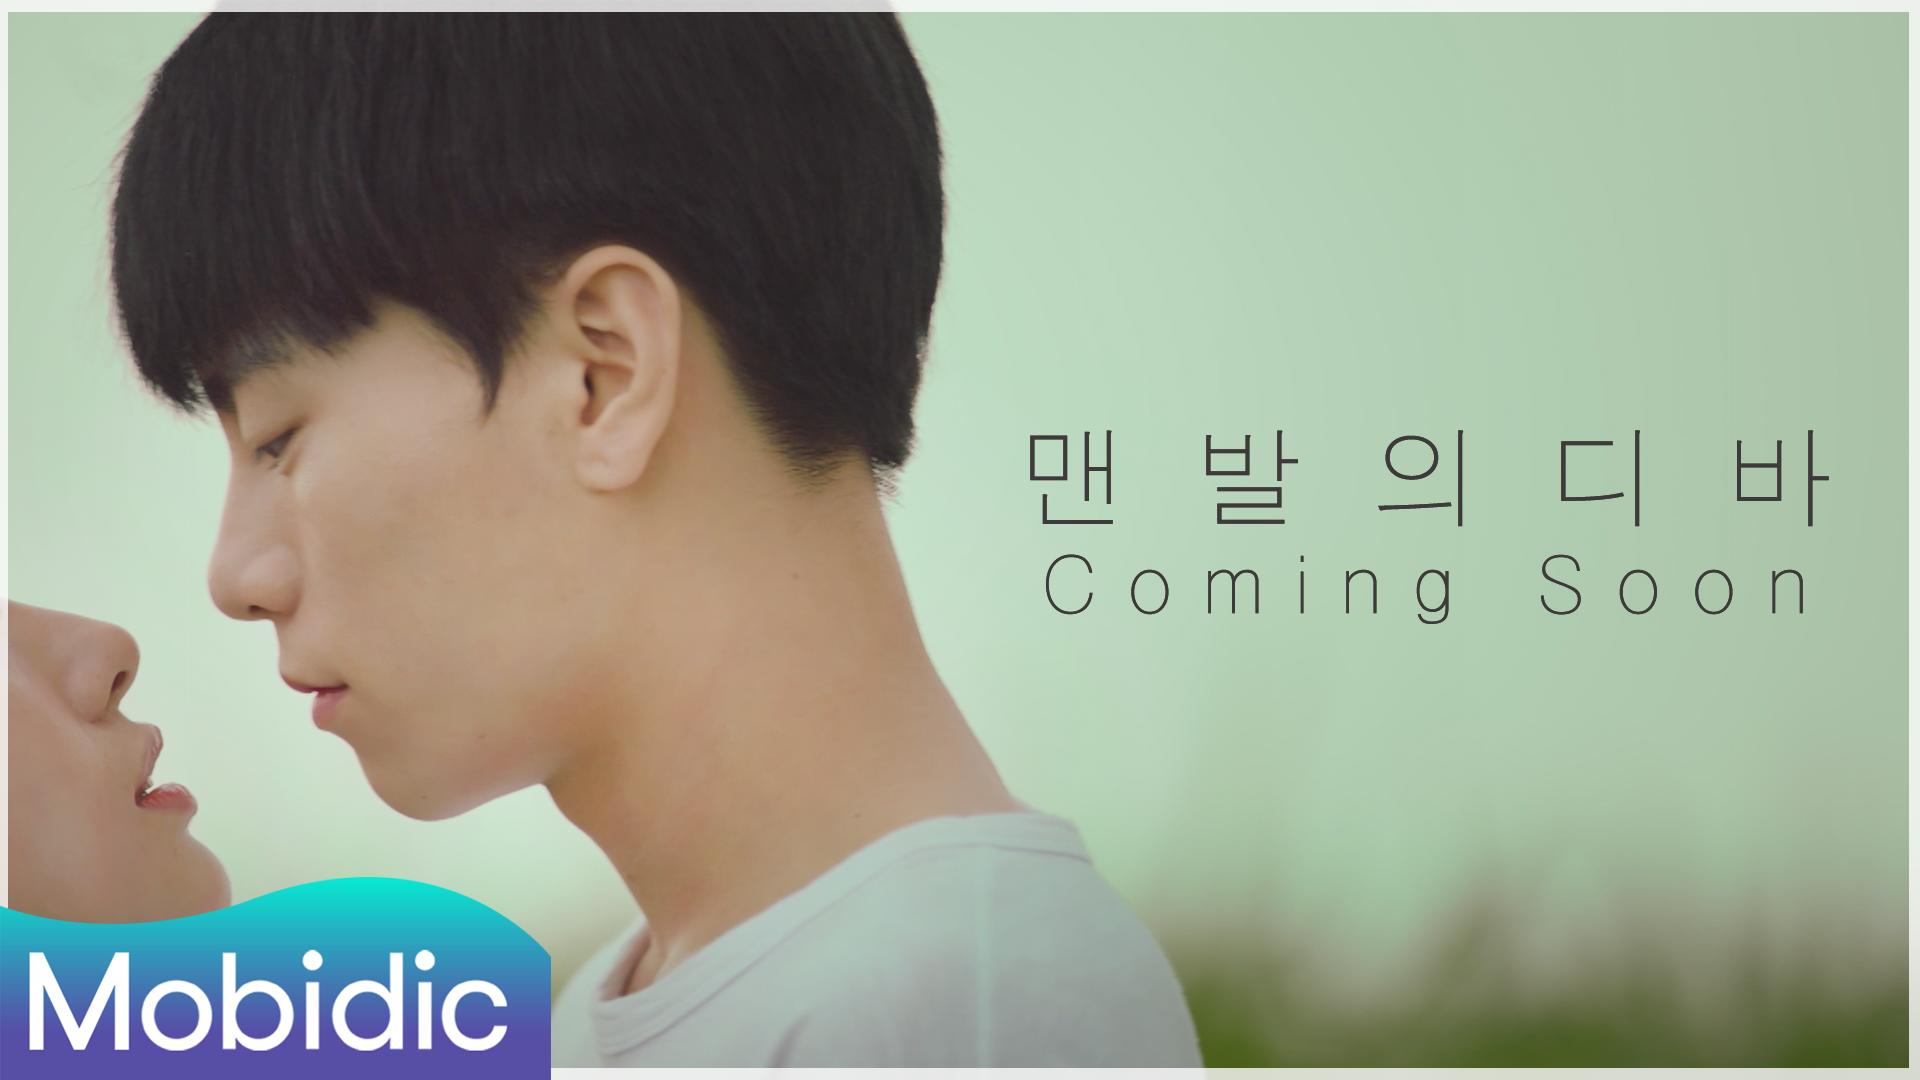 상균&켄타 첫 주연, 귀신과 달콤한 연애 이야기 D-1 <맨발의 디바> 예고